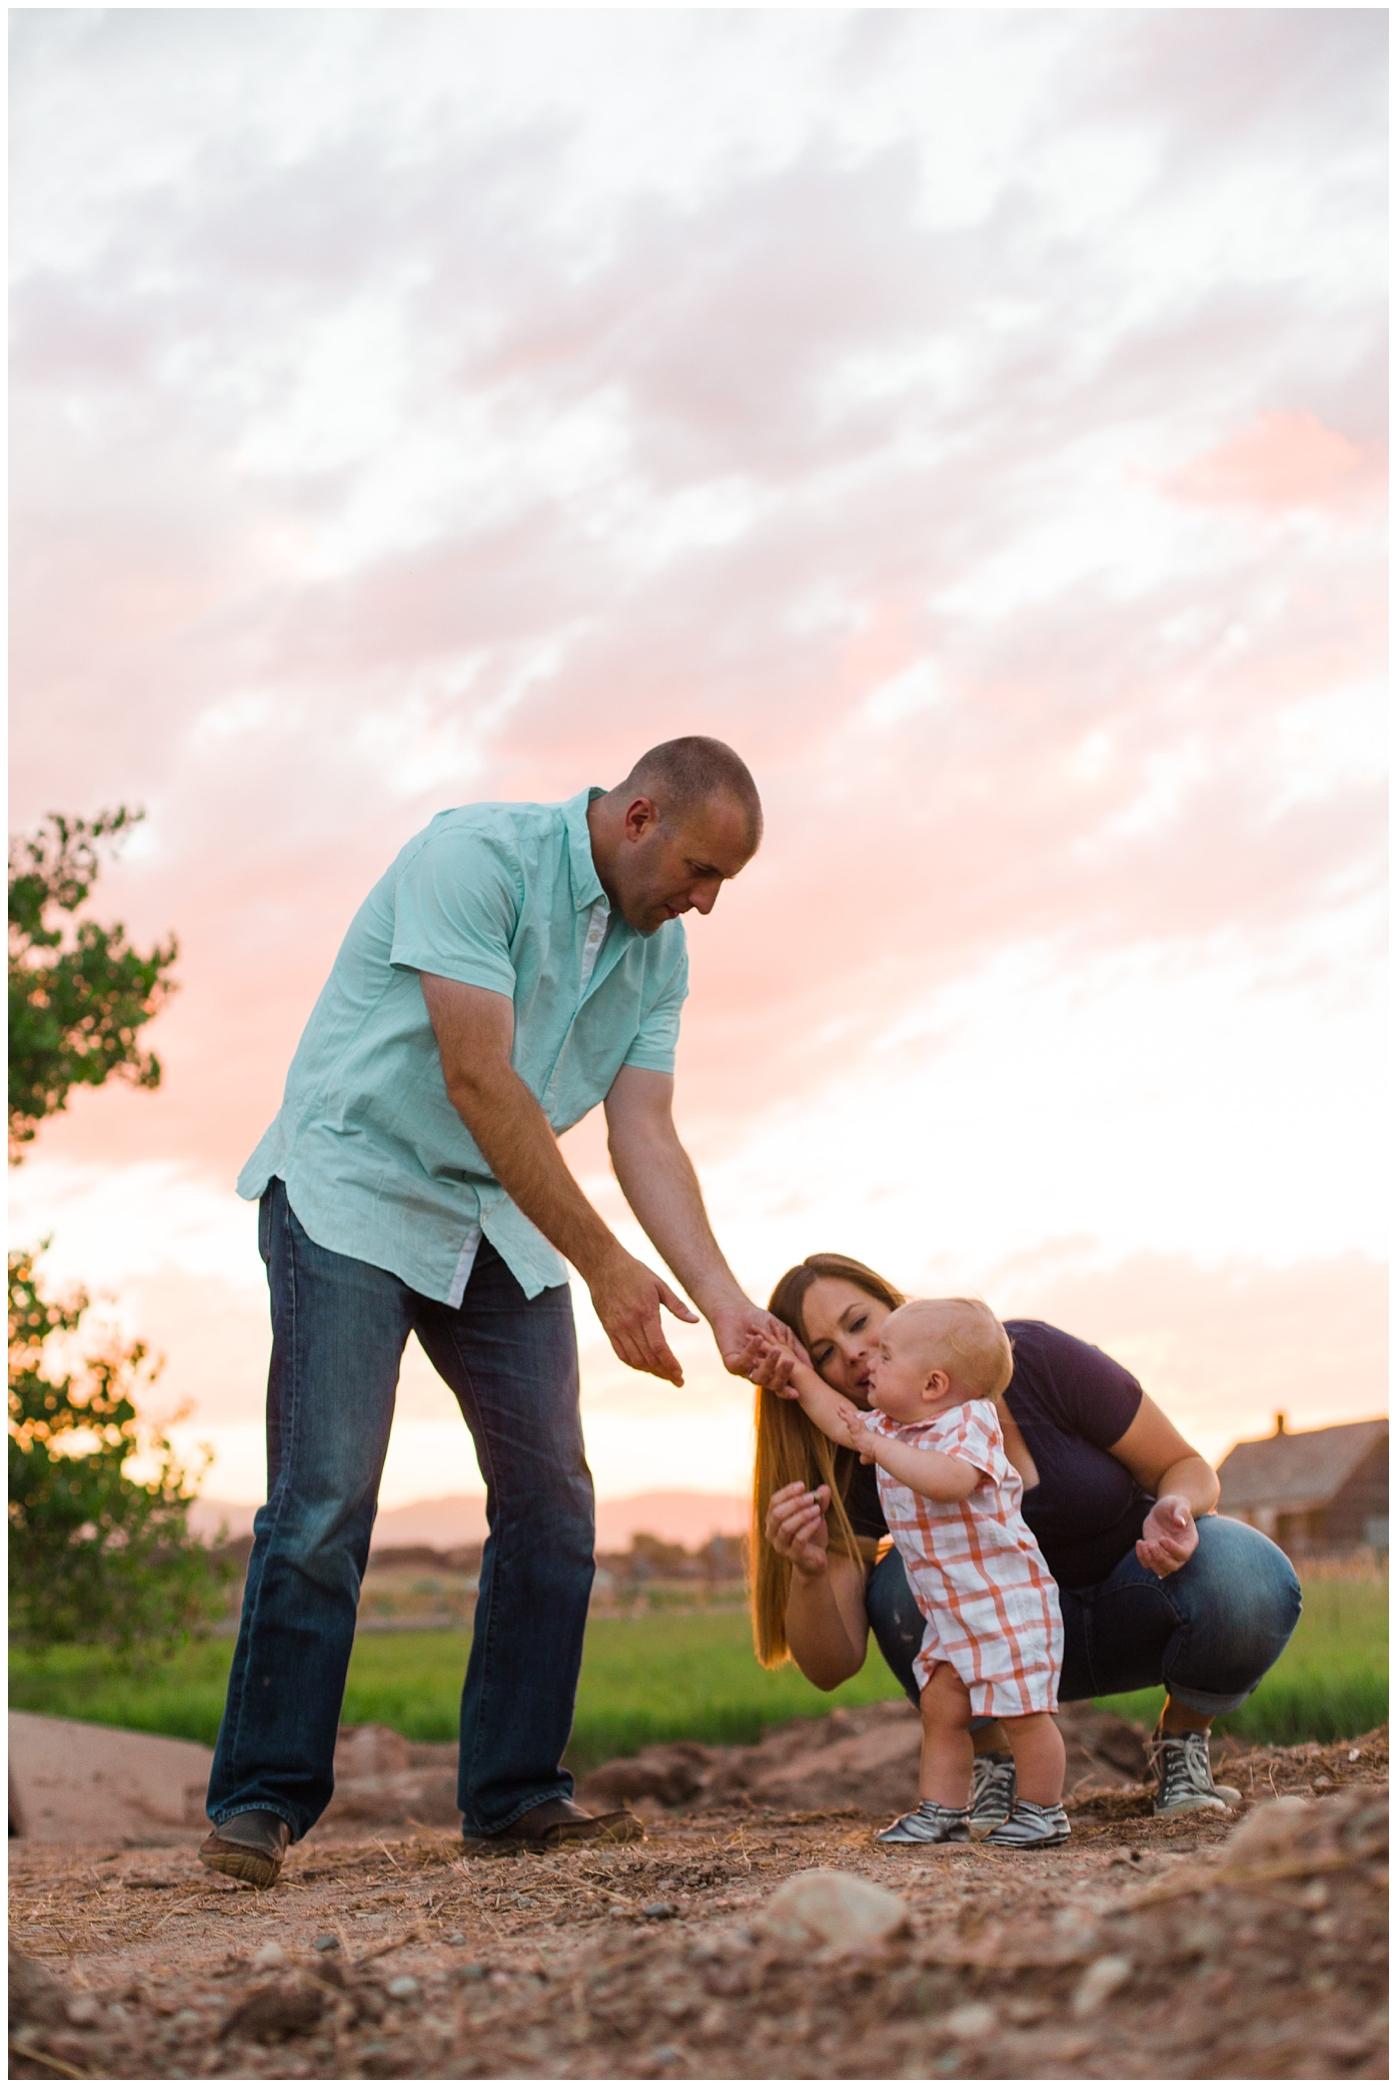 20150728FamilySunderlandJessica174_fort collins family photographer.jpg